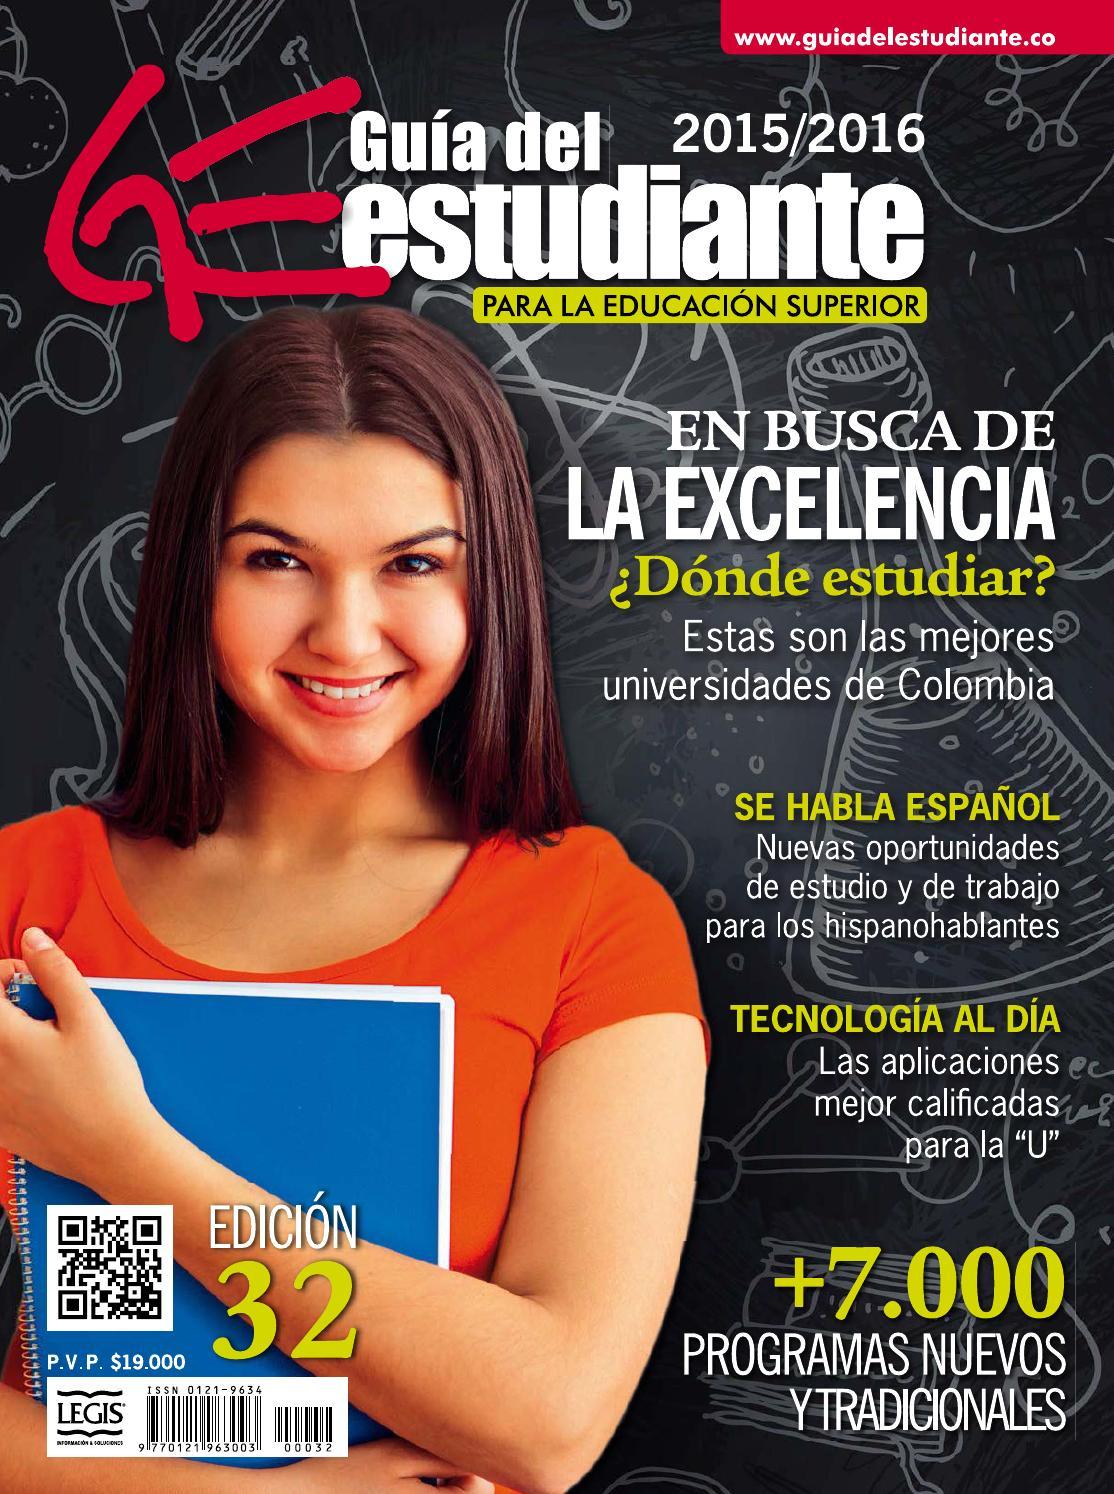 Guía del estudiante ed 32 by LEGIS SA - issuu